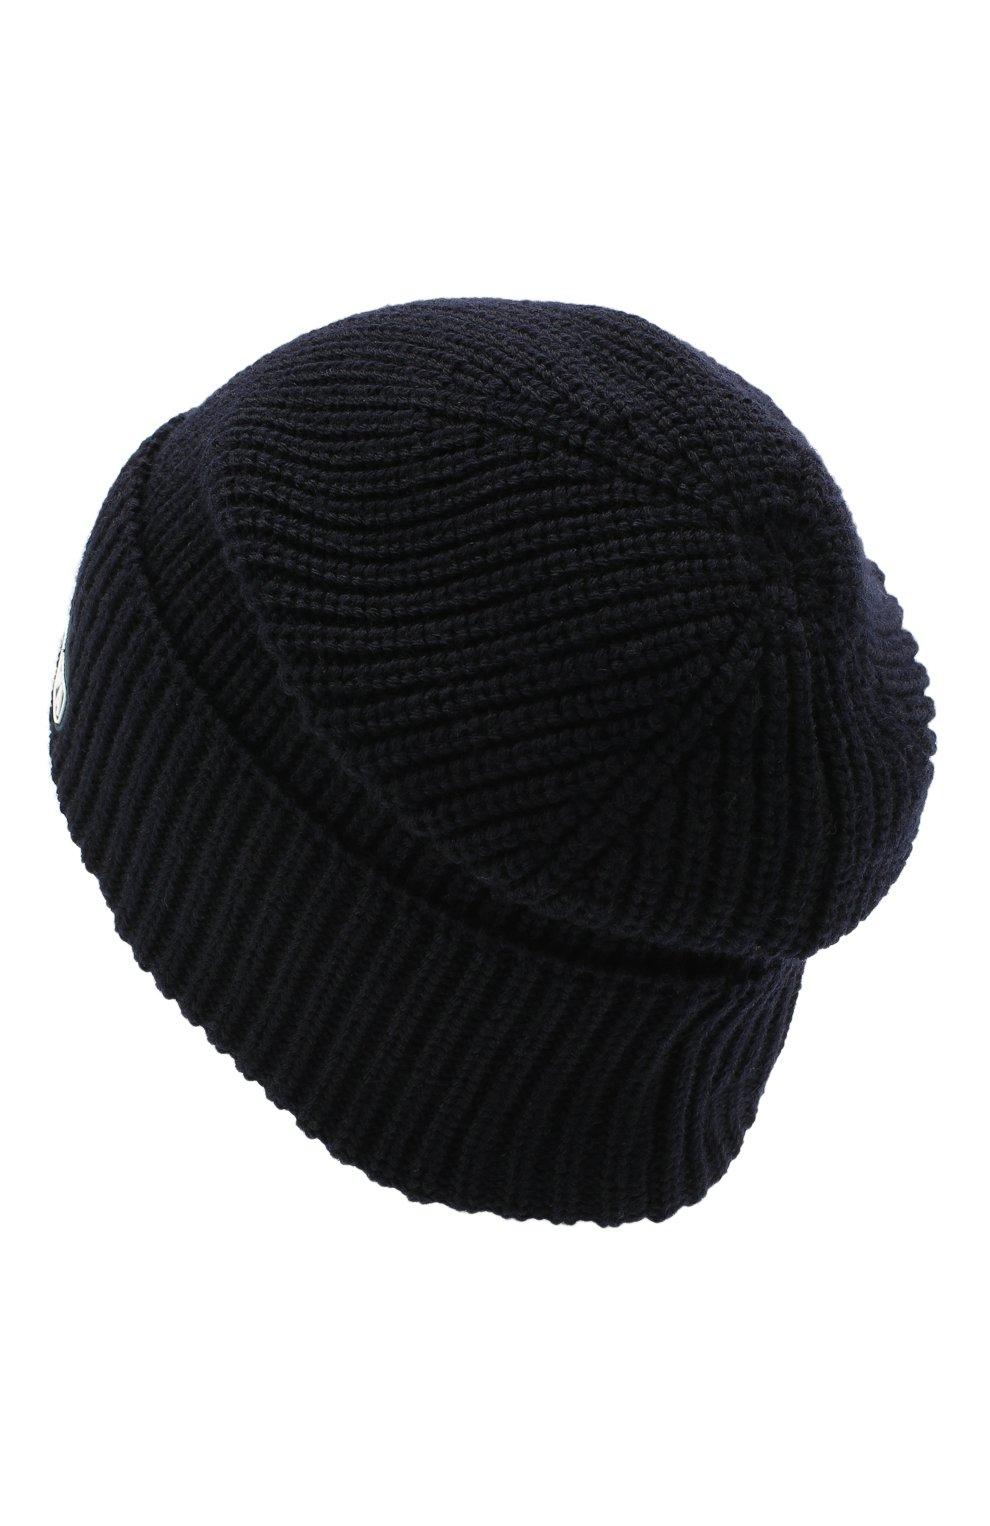 Детский комплект из шапки и шарфа EMPORIO ARMANI темно-синего цвета, арт. 407511/0A759 | Фото 3 (Материал: Шерсть)